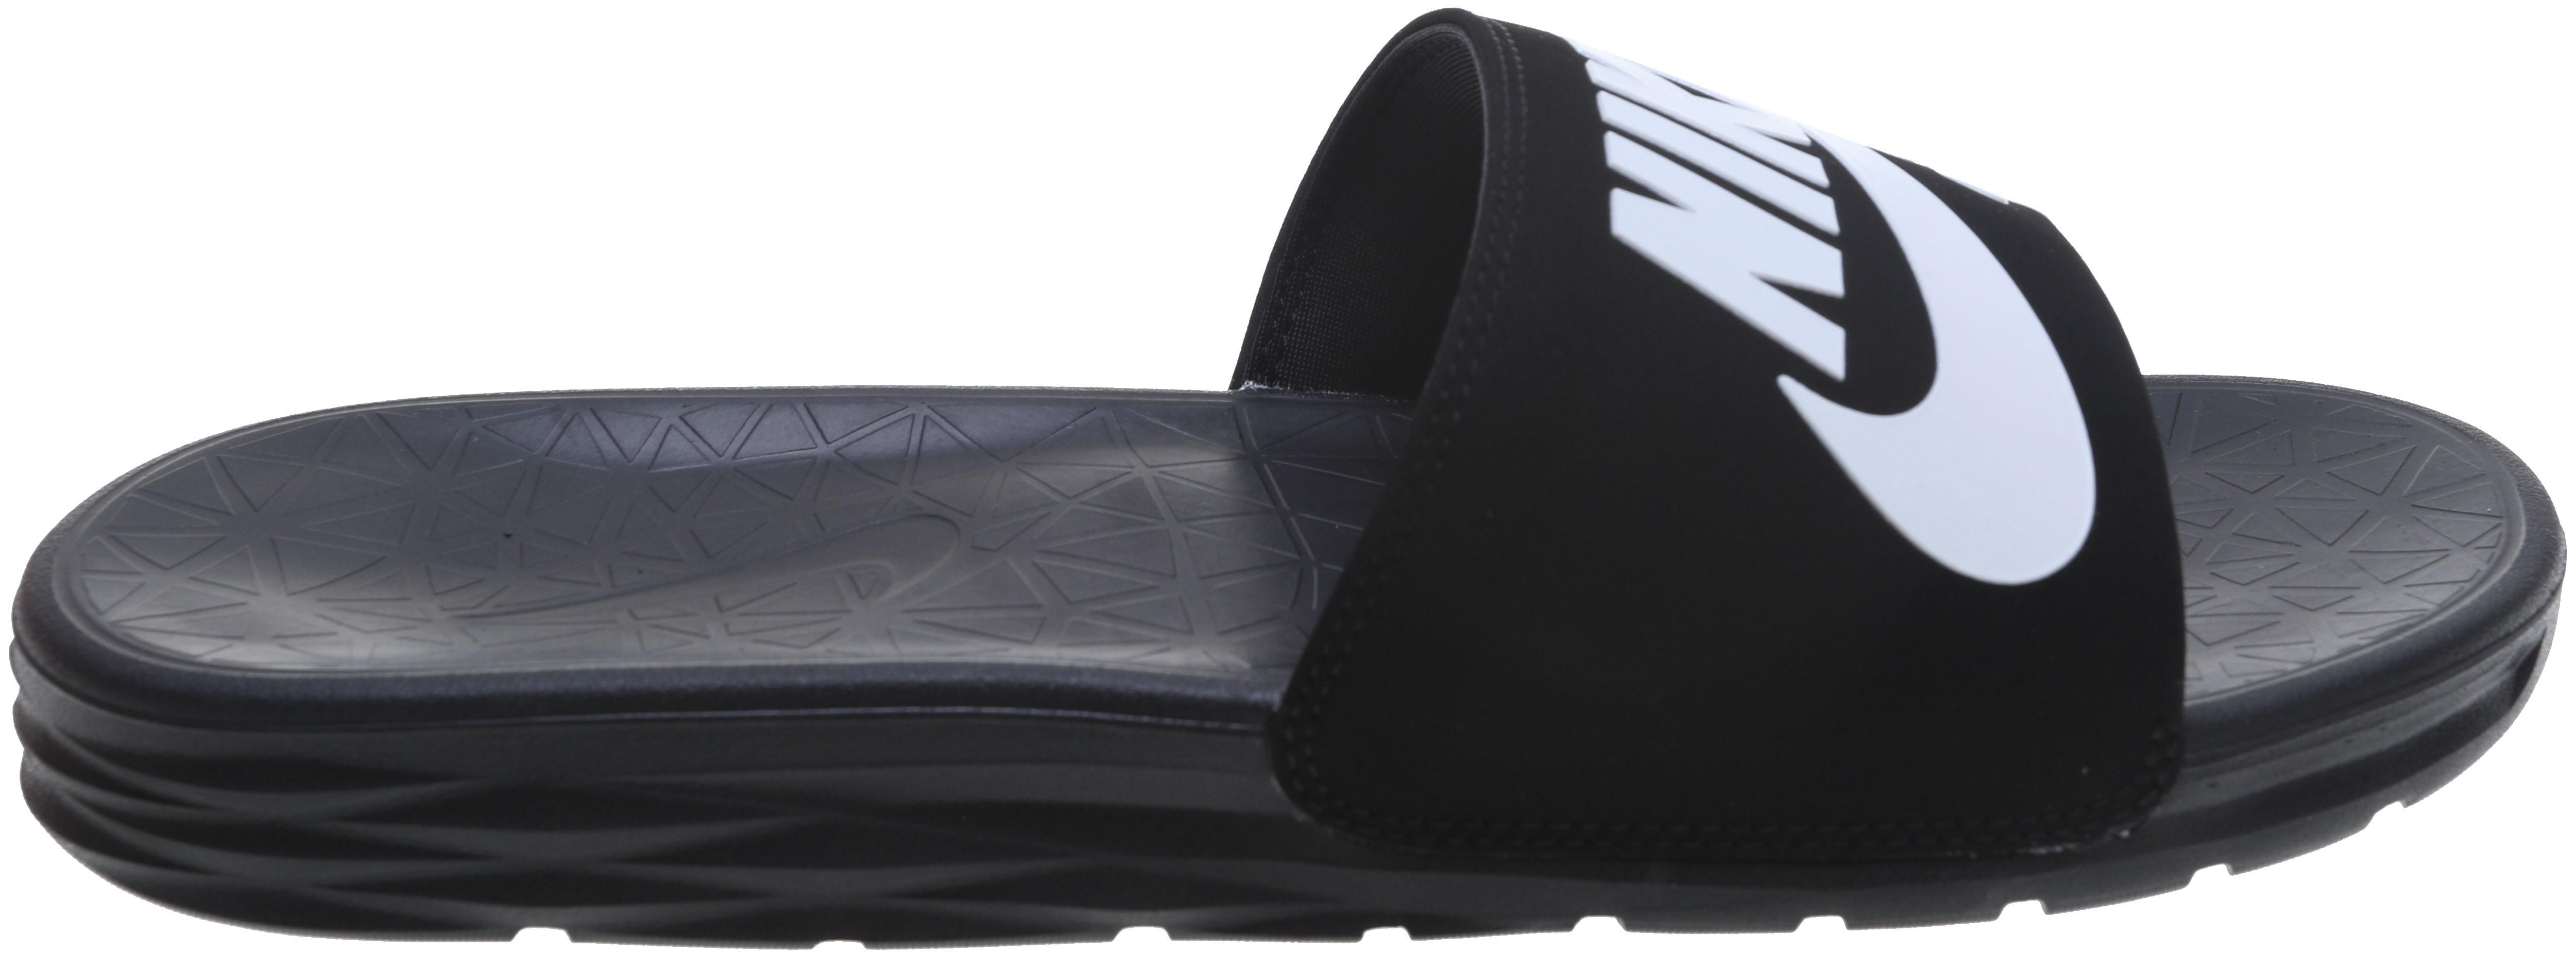 b77519123259e9 Nike Benassi Solarsoft SB Sandals - thumbnail 1